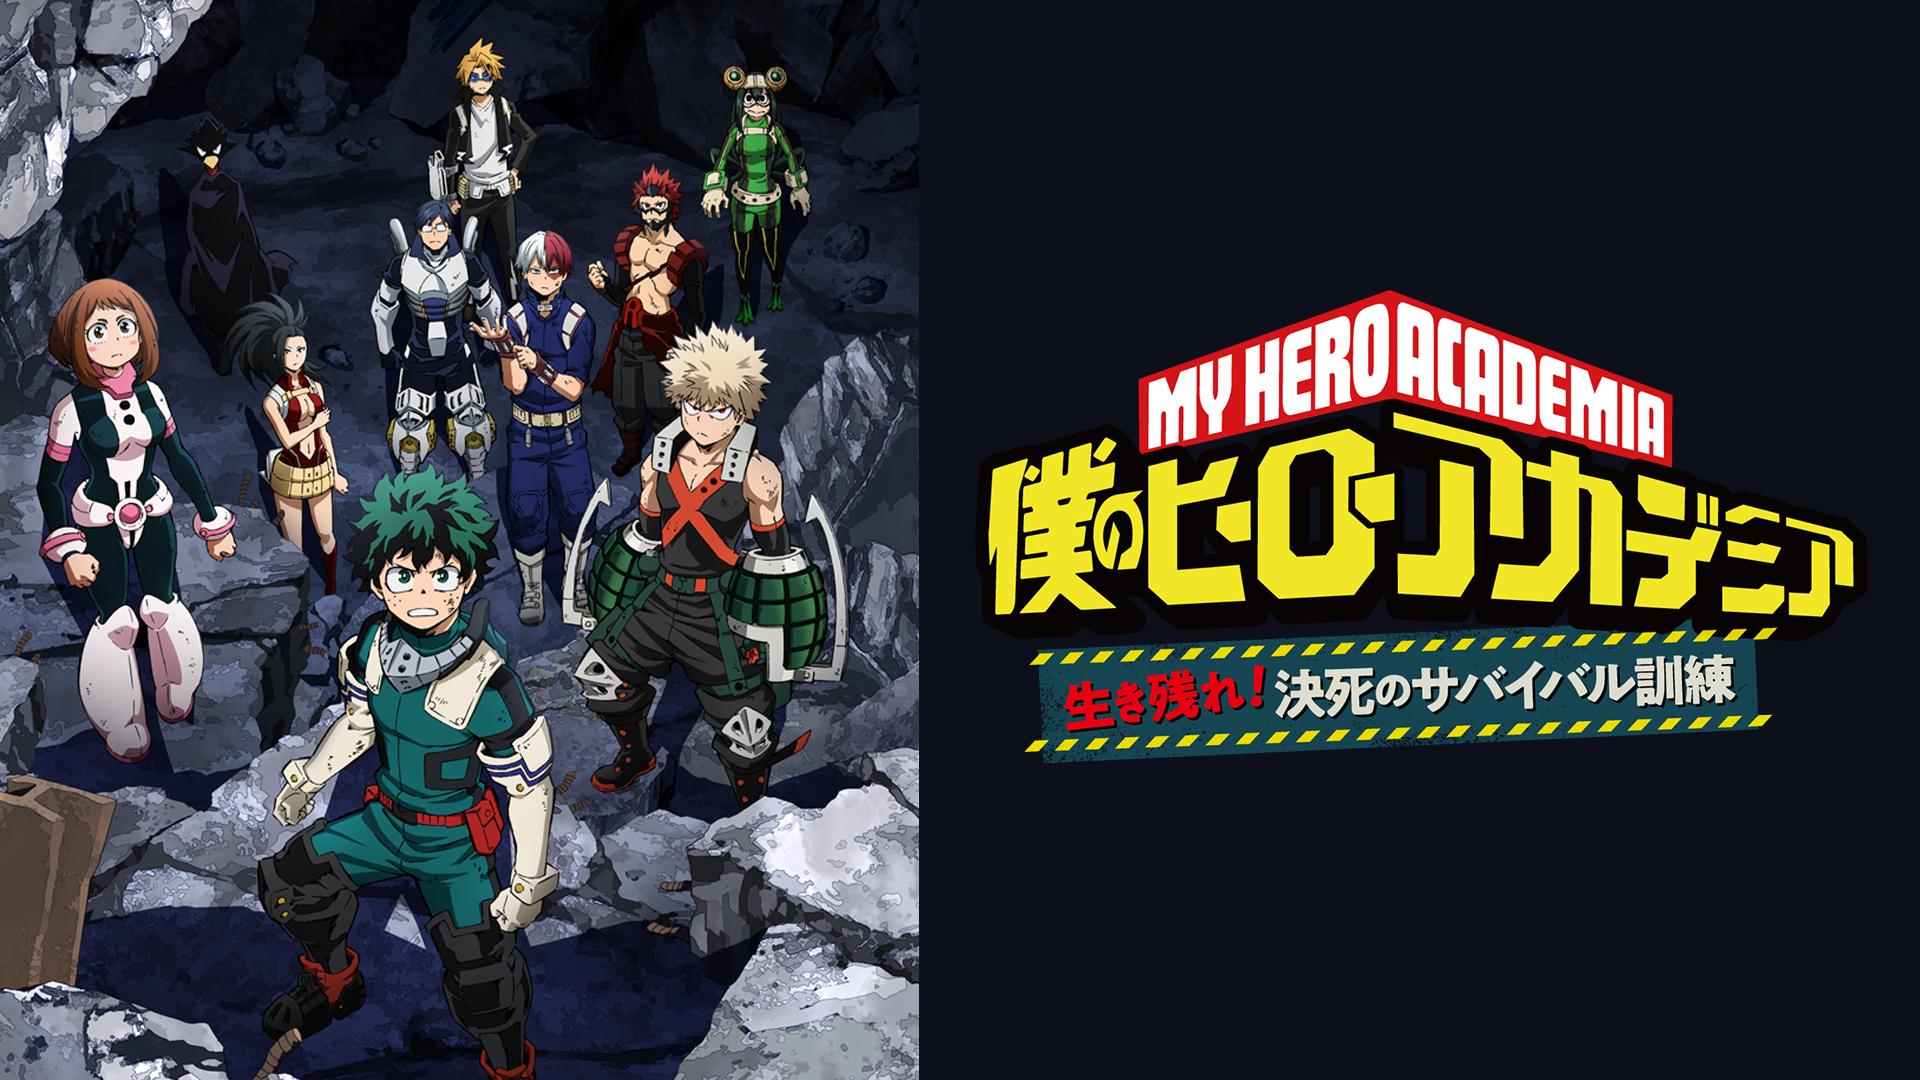 『僕のヒーローアカデミア』オリジナルアニメ「生き残れ!決死のサバイバル訓練」